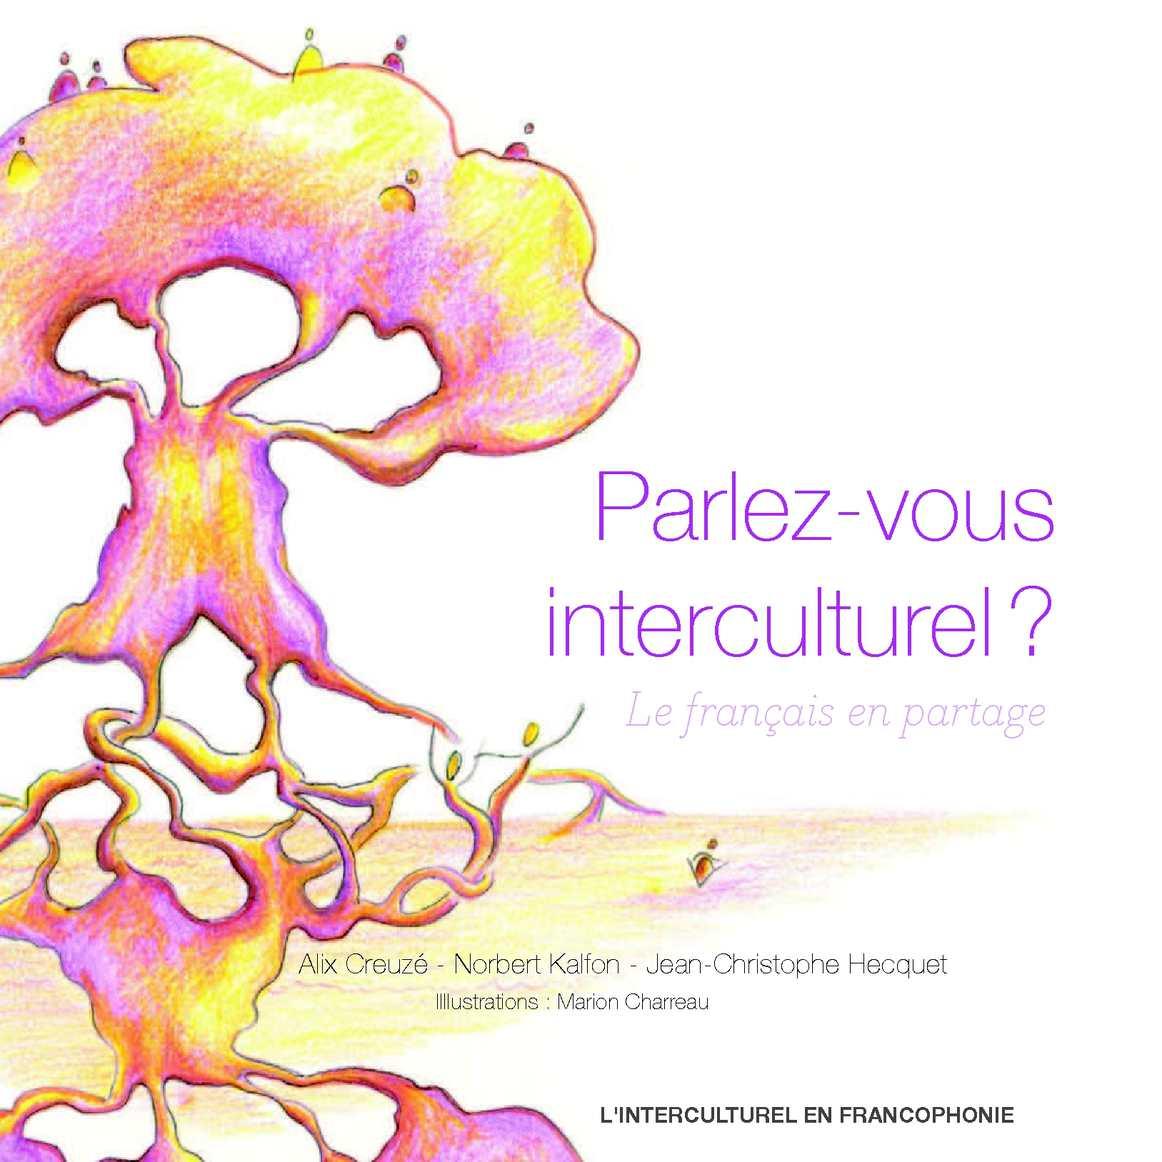 Parlez-vous interculturel ?